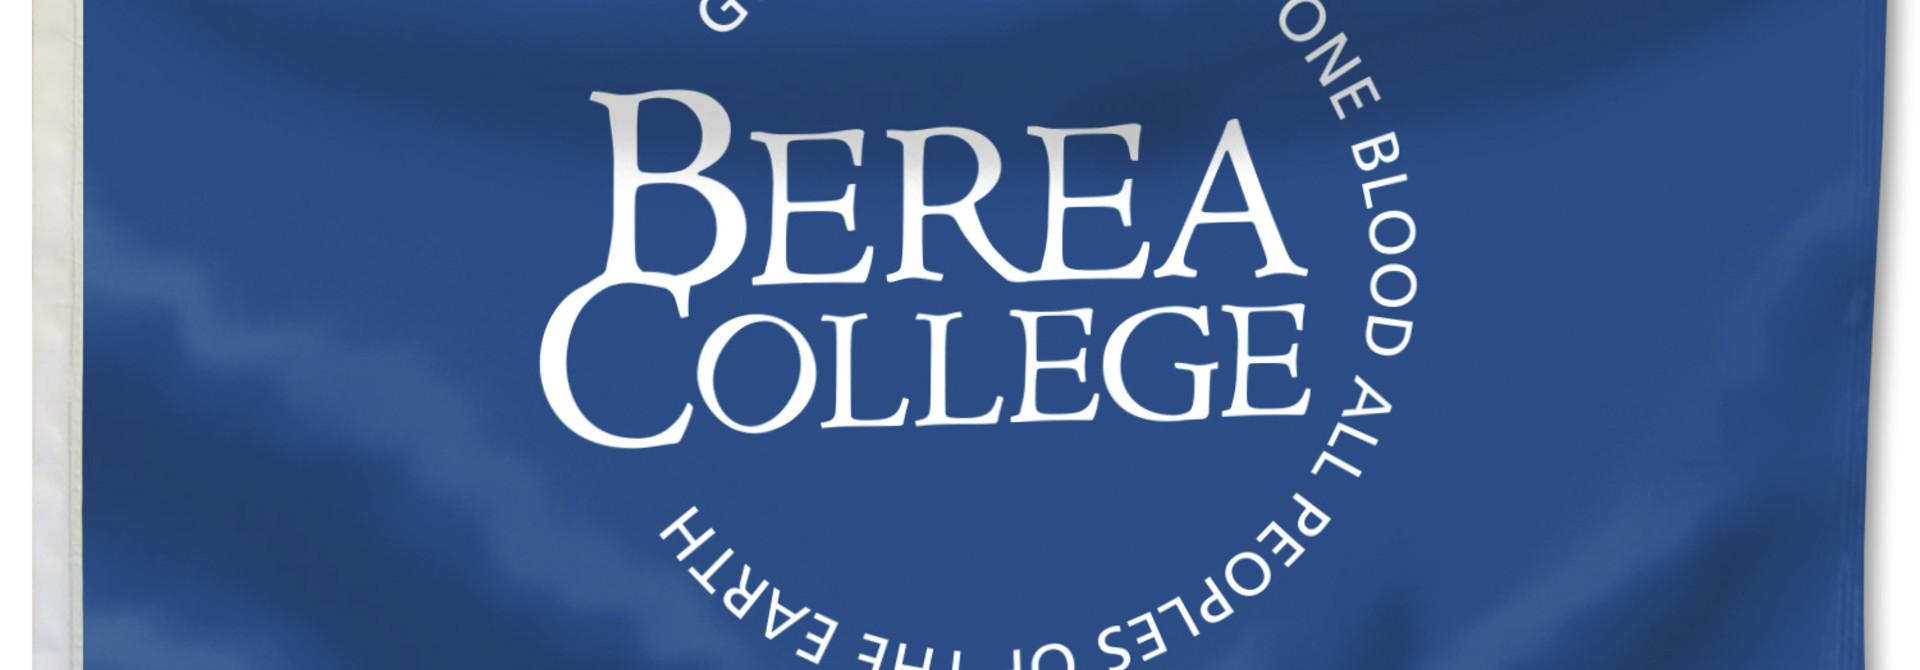 Berea College Flag